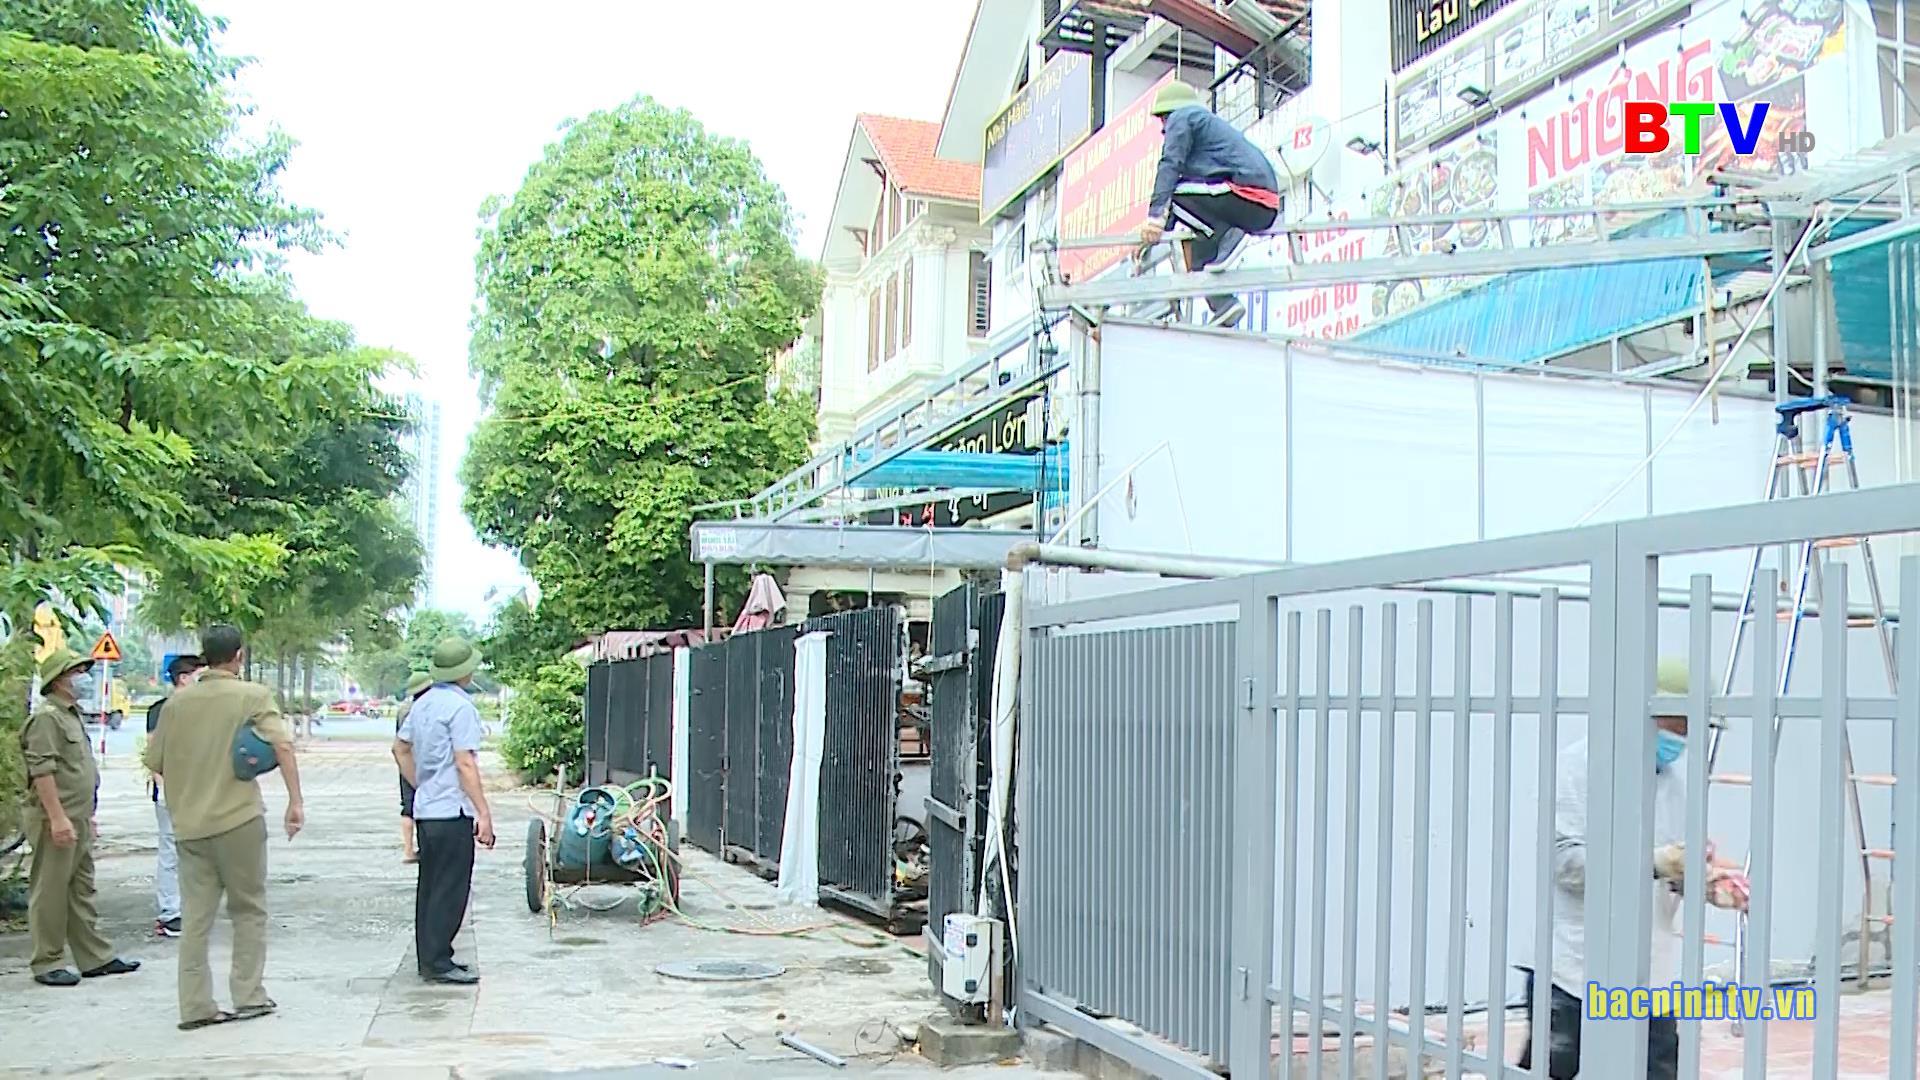 Thành phố Bắc Ninh ra quân xử lý các trường hợp vi phạm trật tự đô thị